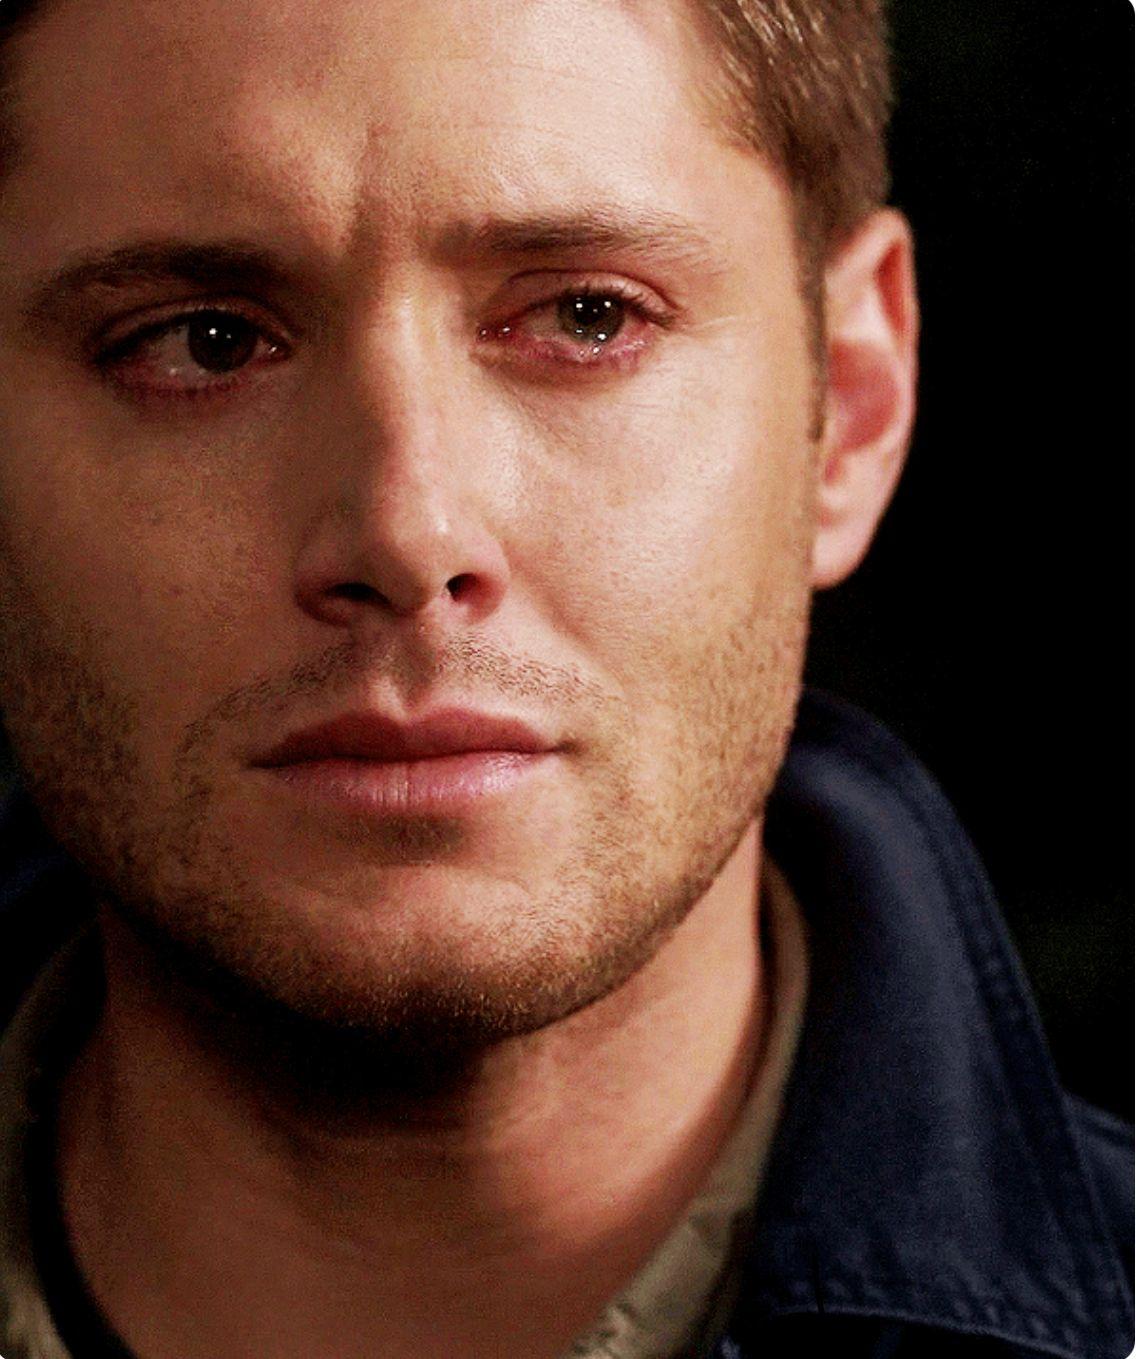 شاب يبكي.